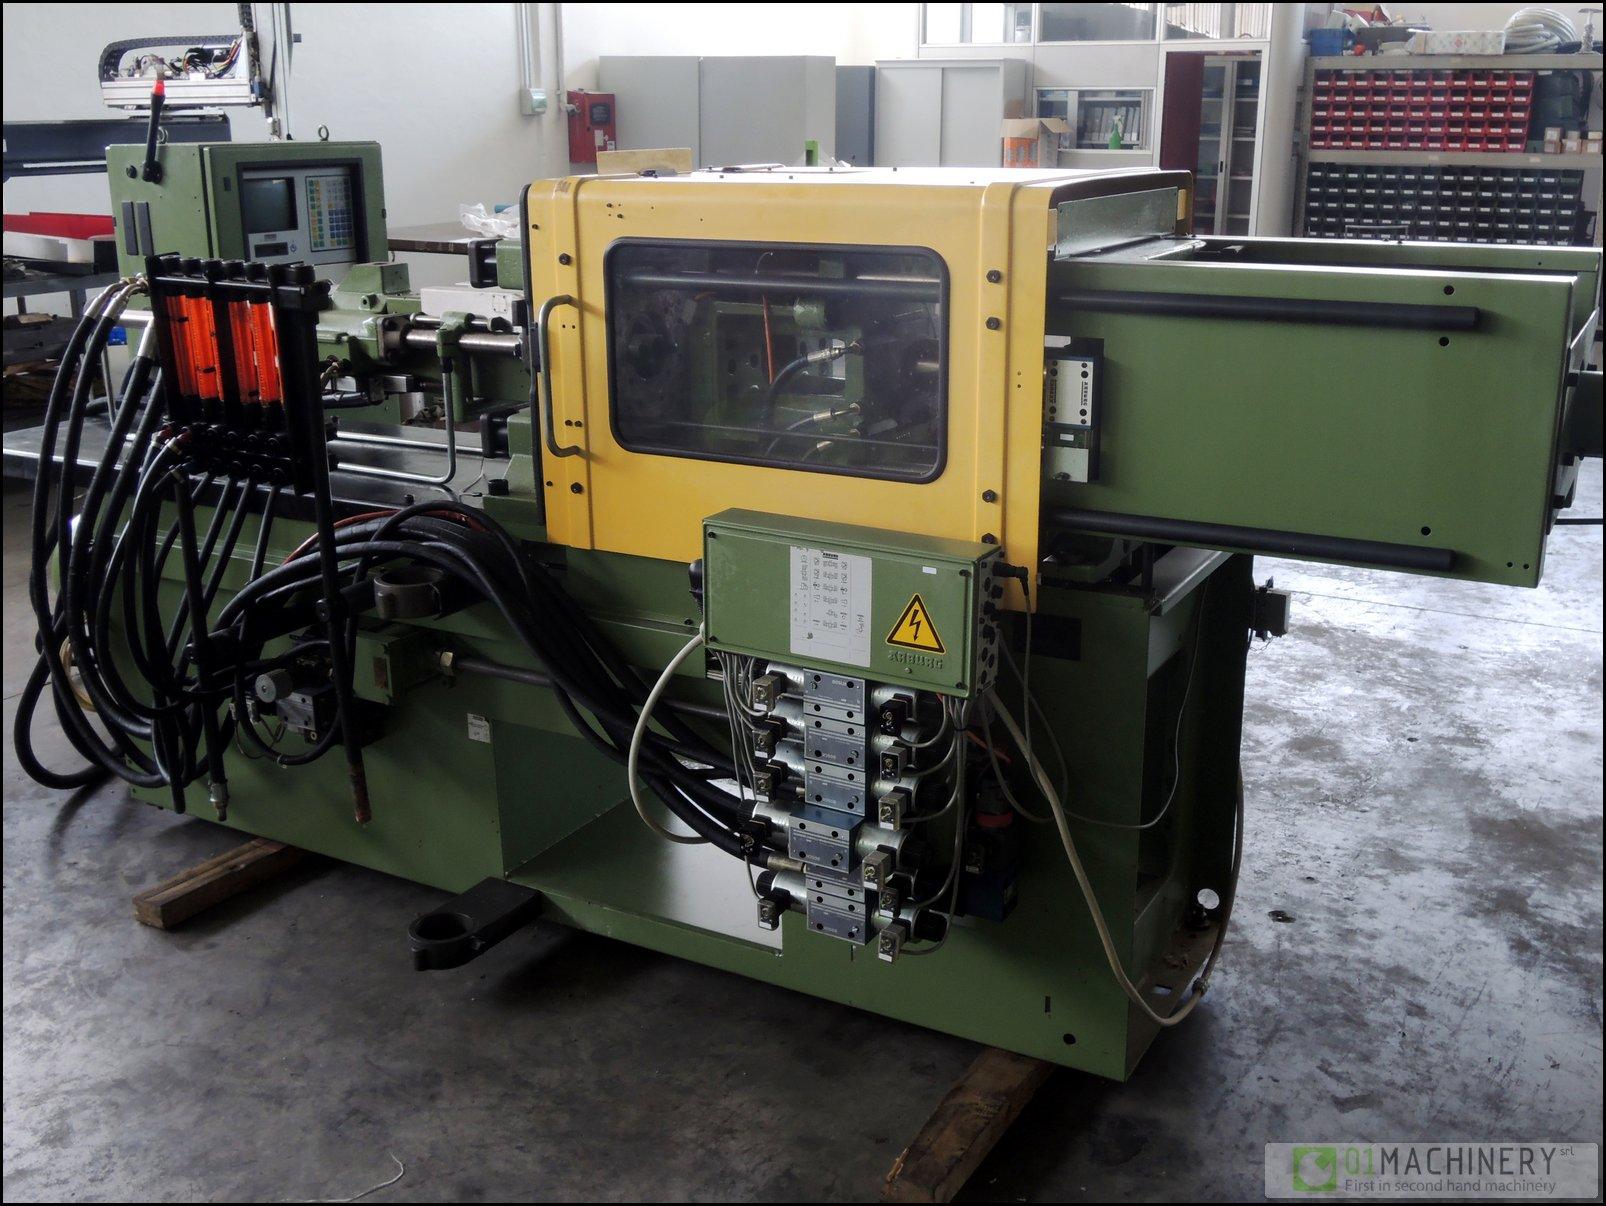 ARBURG Allrounder 270 M 350-90 In 4295 AR 003 96 - Used Plastics